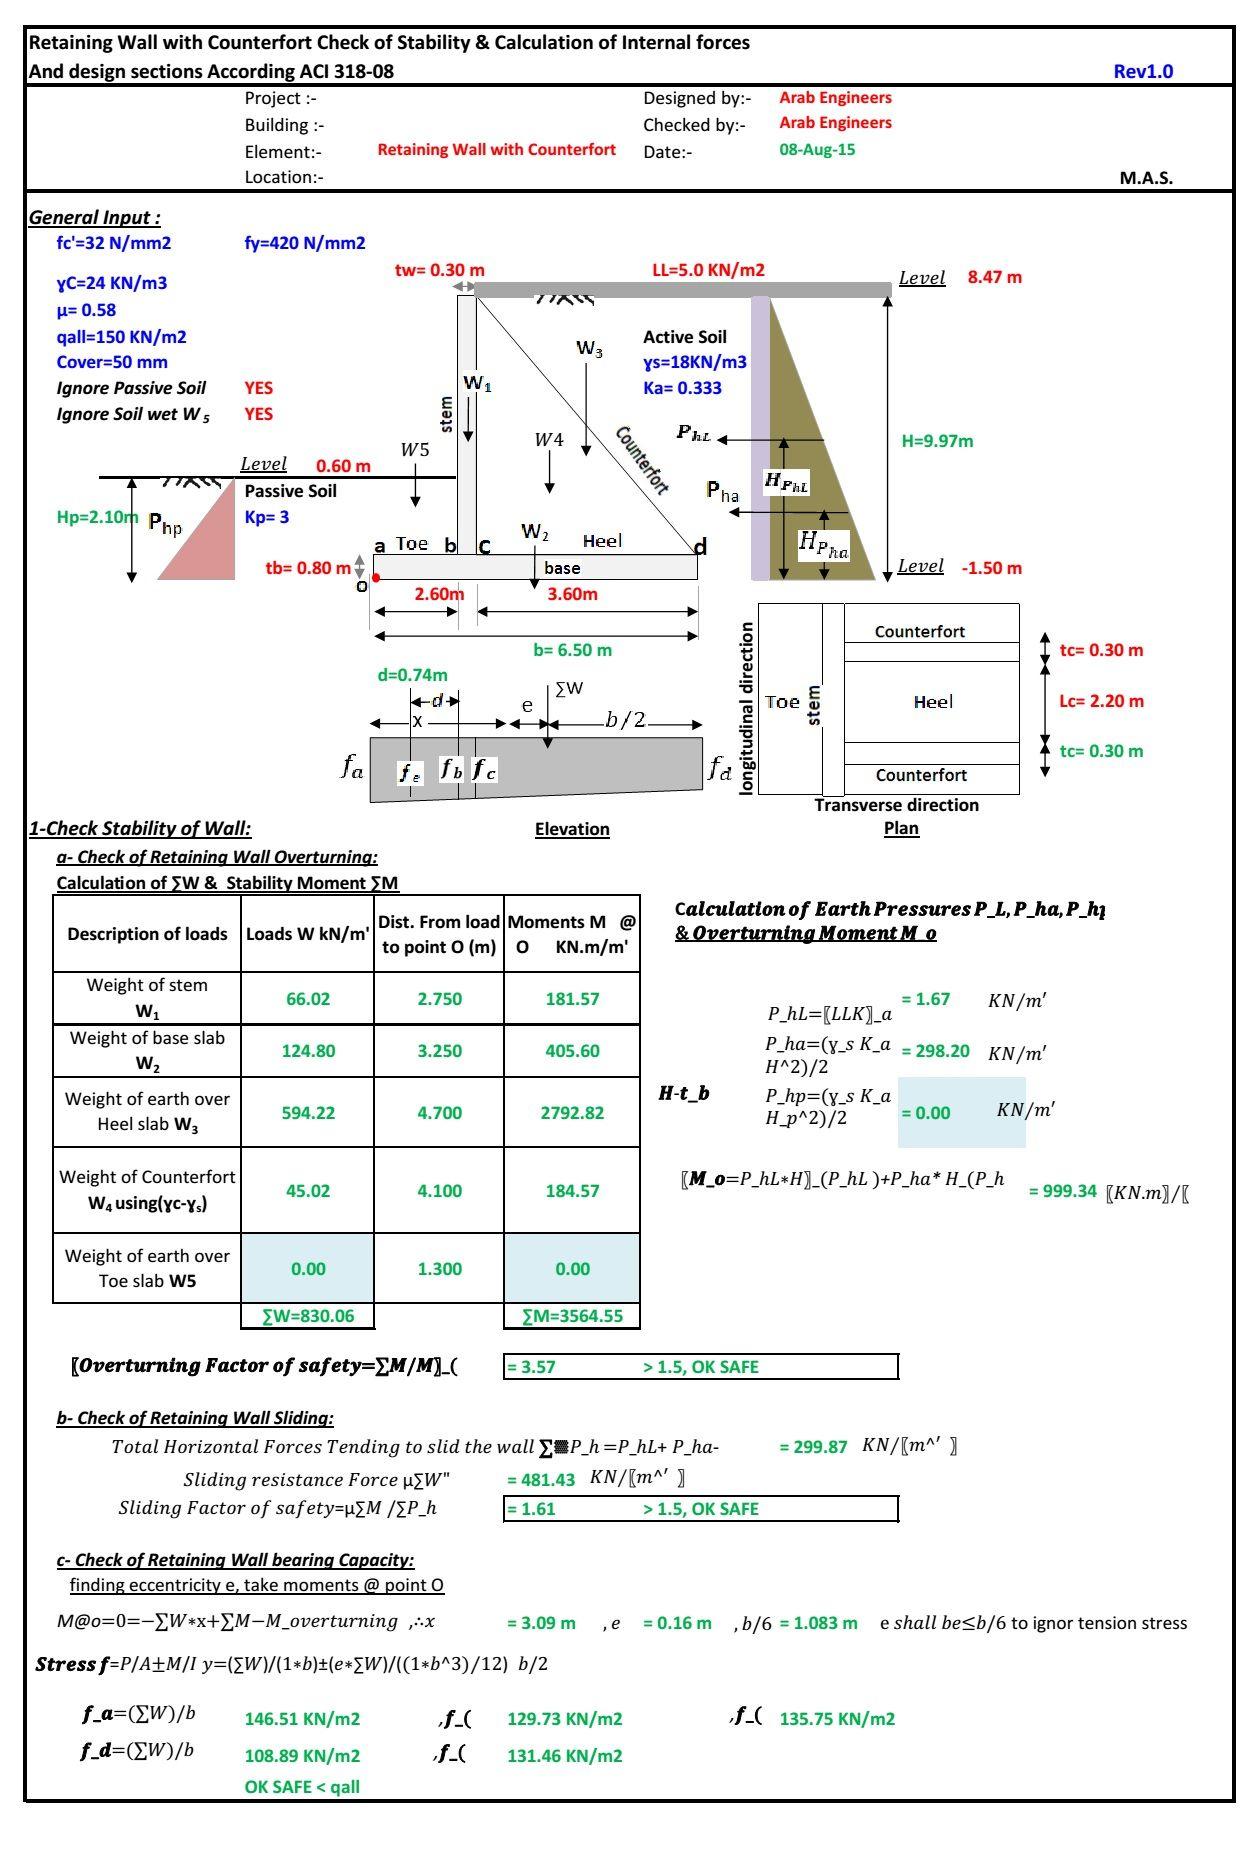 تصميم الجدران الاستنادية كونتر فورت كود Aci ورقة اكسل Sheet Excel Counterfort Retaini Retaining Wall Design Civil Engineering Design Structural Engineering